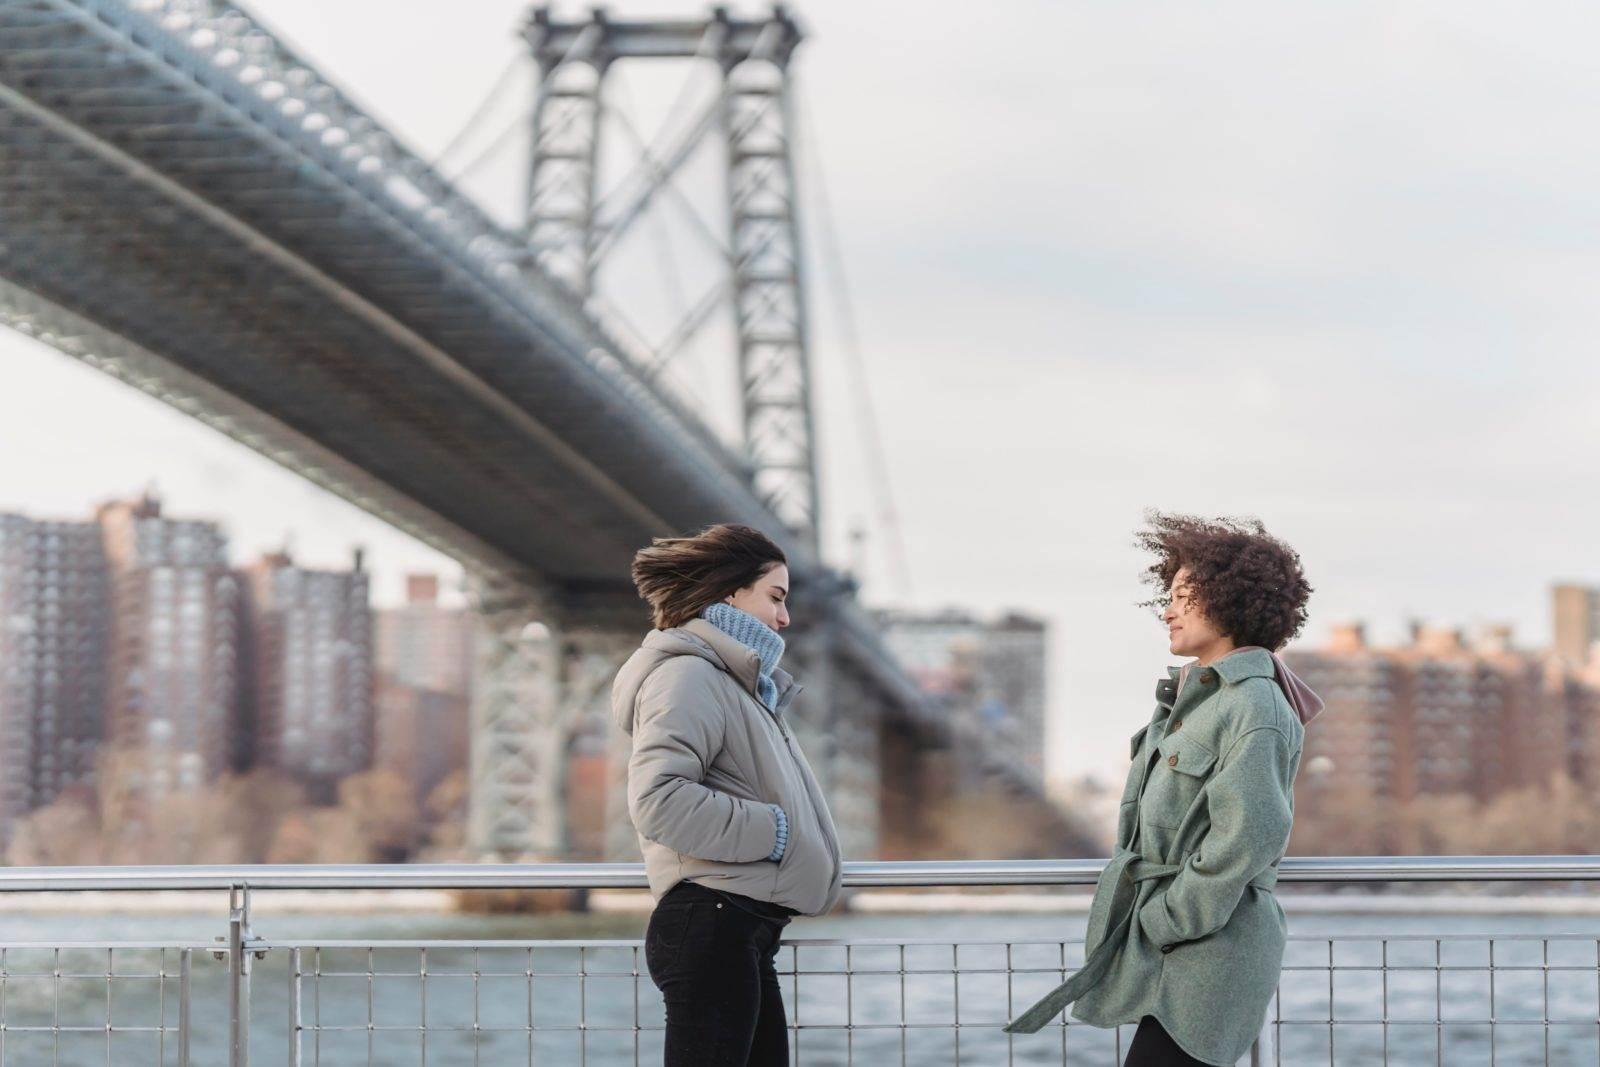 women by a bridge